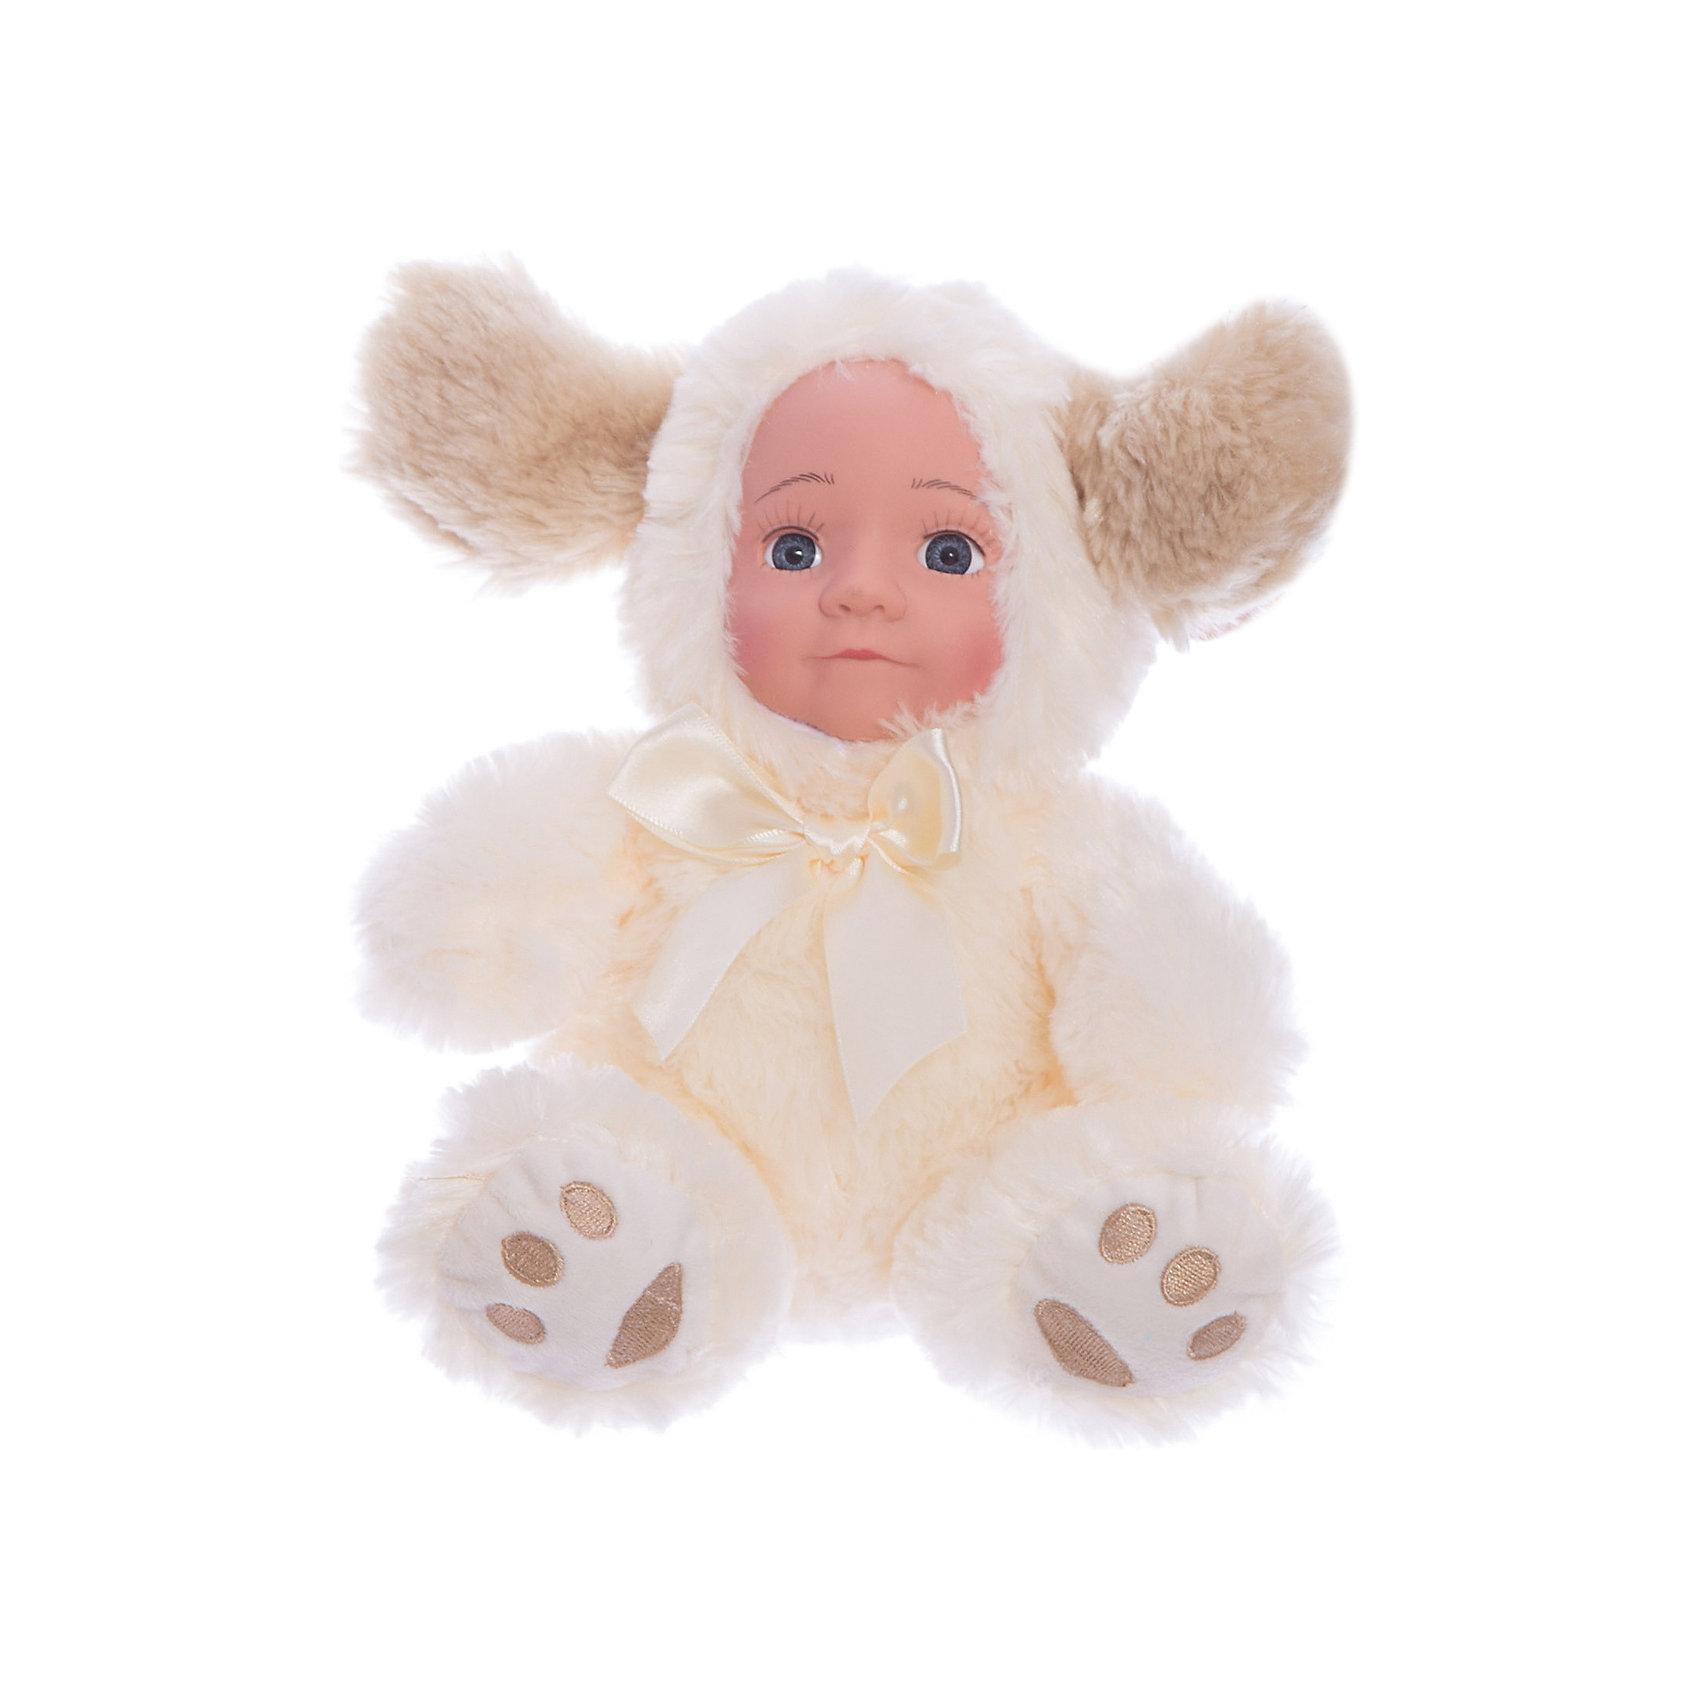 Мягкая кукла Fluffy Family Мой щенокМягкие куклы<br>Характеристики:<br><br>• высота куклы: 20 см;<br>• материал: текстиль, пластик;<br>• возраст: от 3-х лет;<br>• размер упаковки: 20х13х16 см;<br>• вес: 147 грамм.<br><br>Мой щенок - восхитительная игрушка, которая порадует ребенка оригинальностью и мягкостью. Игрушка выполнена в виде малыша, одетого в костюм собачки.<br><br>Все детали выглядят очень реалистично: глазки и реснички тщательно прорисованы, а ушки и лапки выглядят совсем как настоящие. Мой щенок, несомненно, станет лучшим другом для малыша.<br><br>Мягкую куклу Мой щенок, Fluffy Family (Флаффи Фэмили) можно купить в нашем интернет-магазине.<br><br>Ширина мм: 160<br>Глубина мм: 130<br>Высота мм: 200<br>Вес г: 147<br>Возраст от месяцев: 36<br>Возраст до месяцев: 2147483647<br>Пол: Женский<br>Возраст: Детский<br>SKU: 6846887